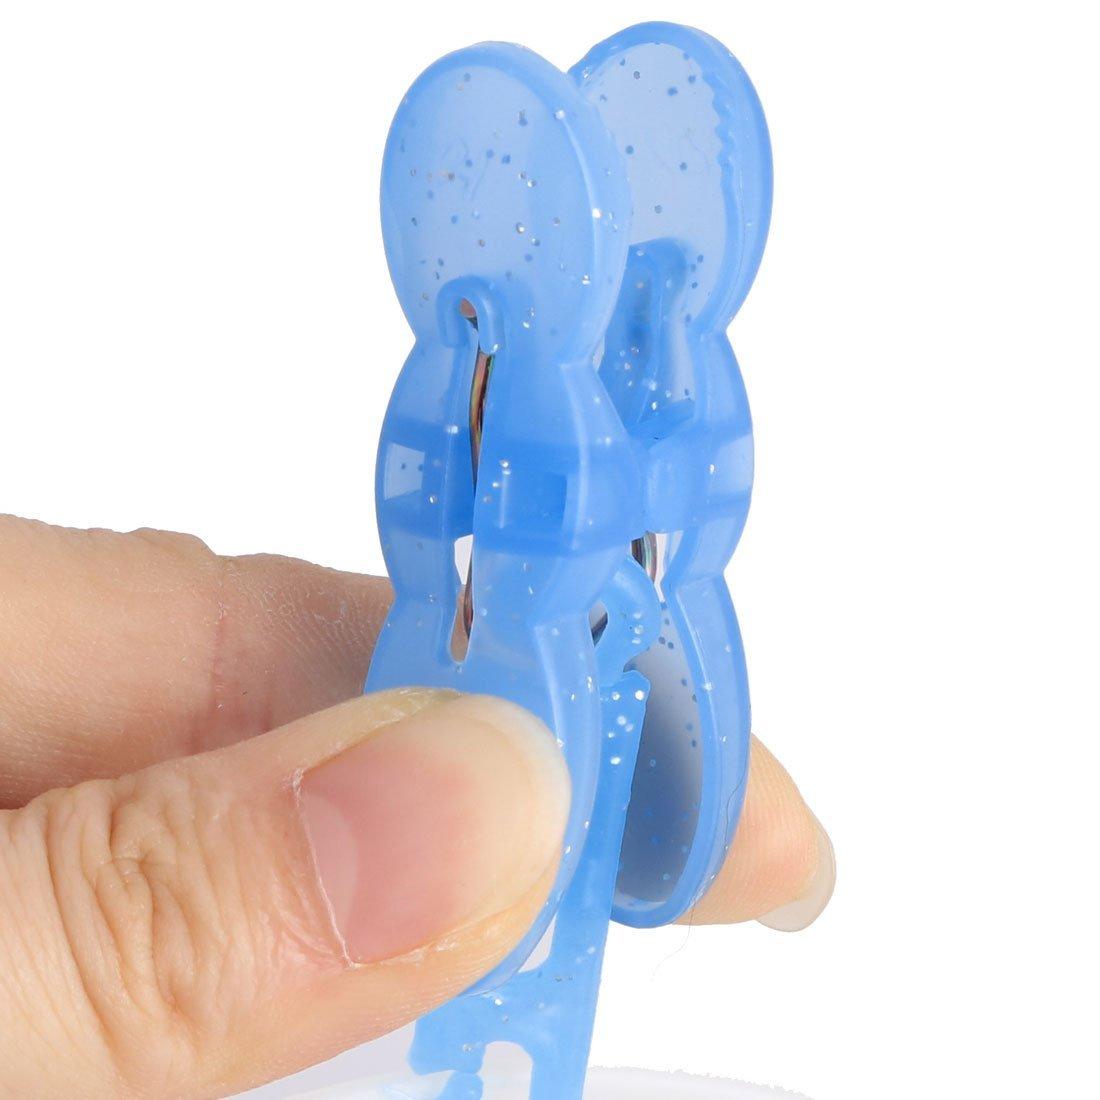 Amazon.com: eDealMax plástico plegables Para el hogar Calcetines Guantes de ropa de la suspensión 8 Clips Blanco Azul: Home & Kitchen